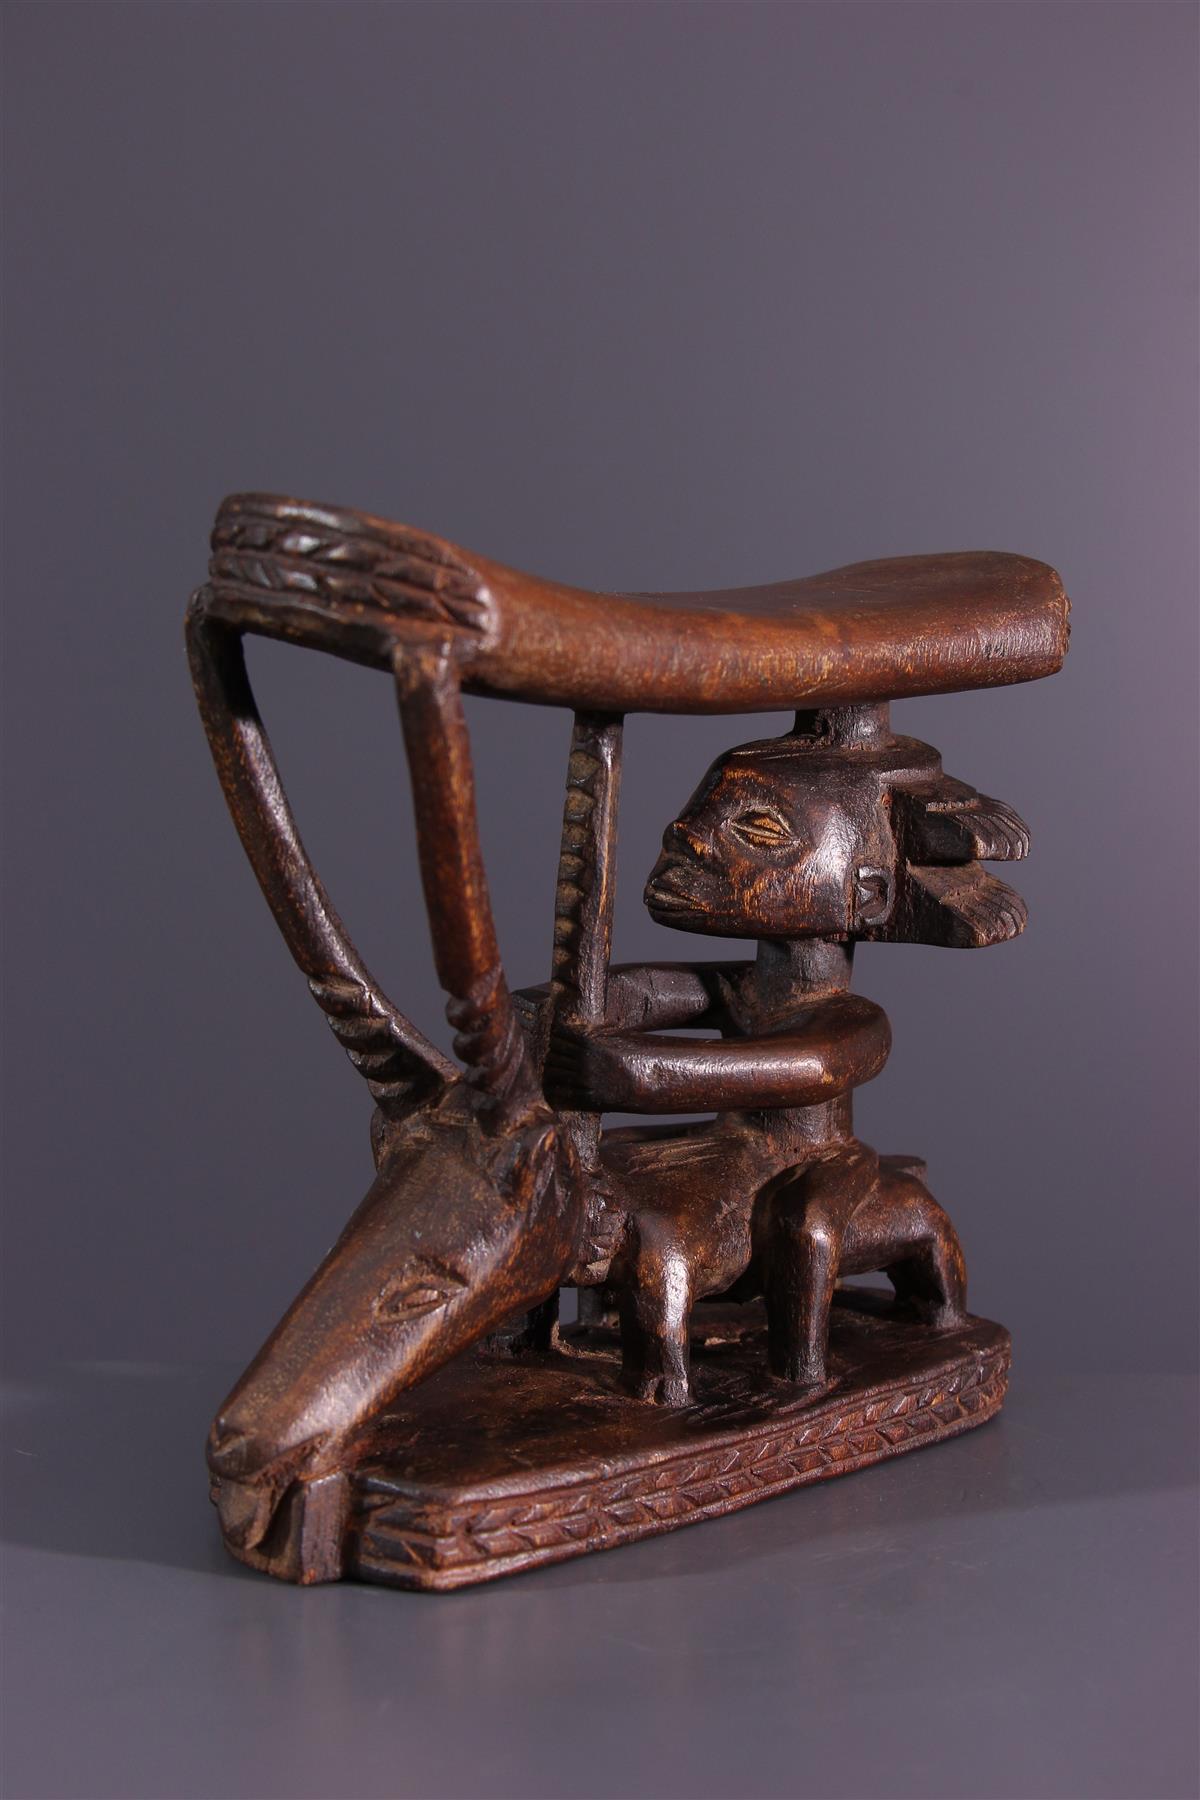 Luba neksteun - Afrikaanse kunst